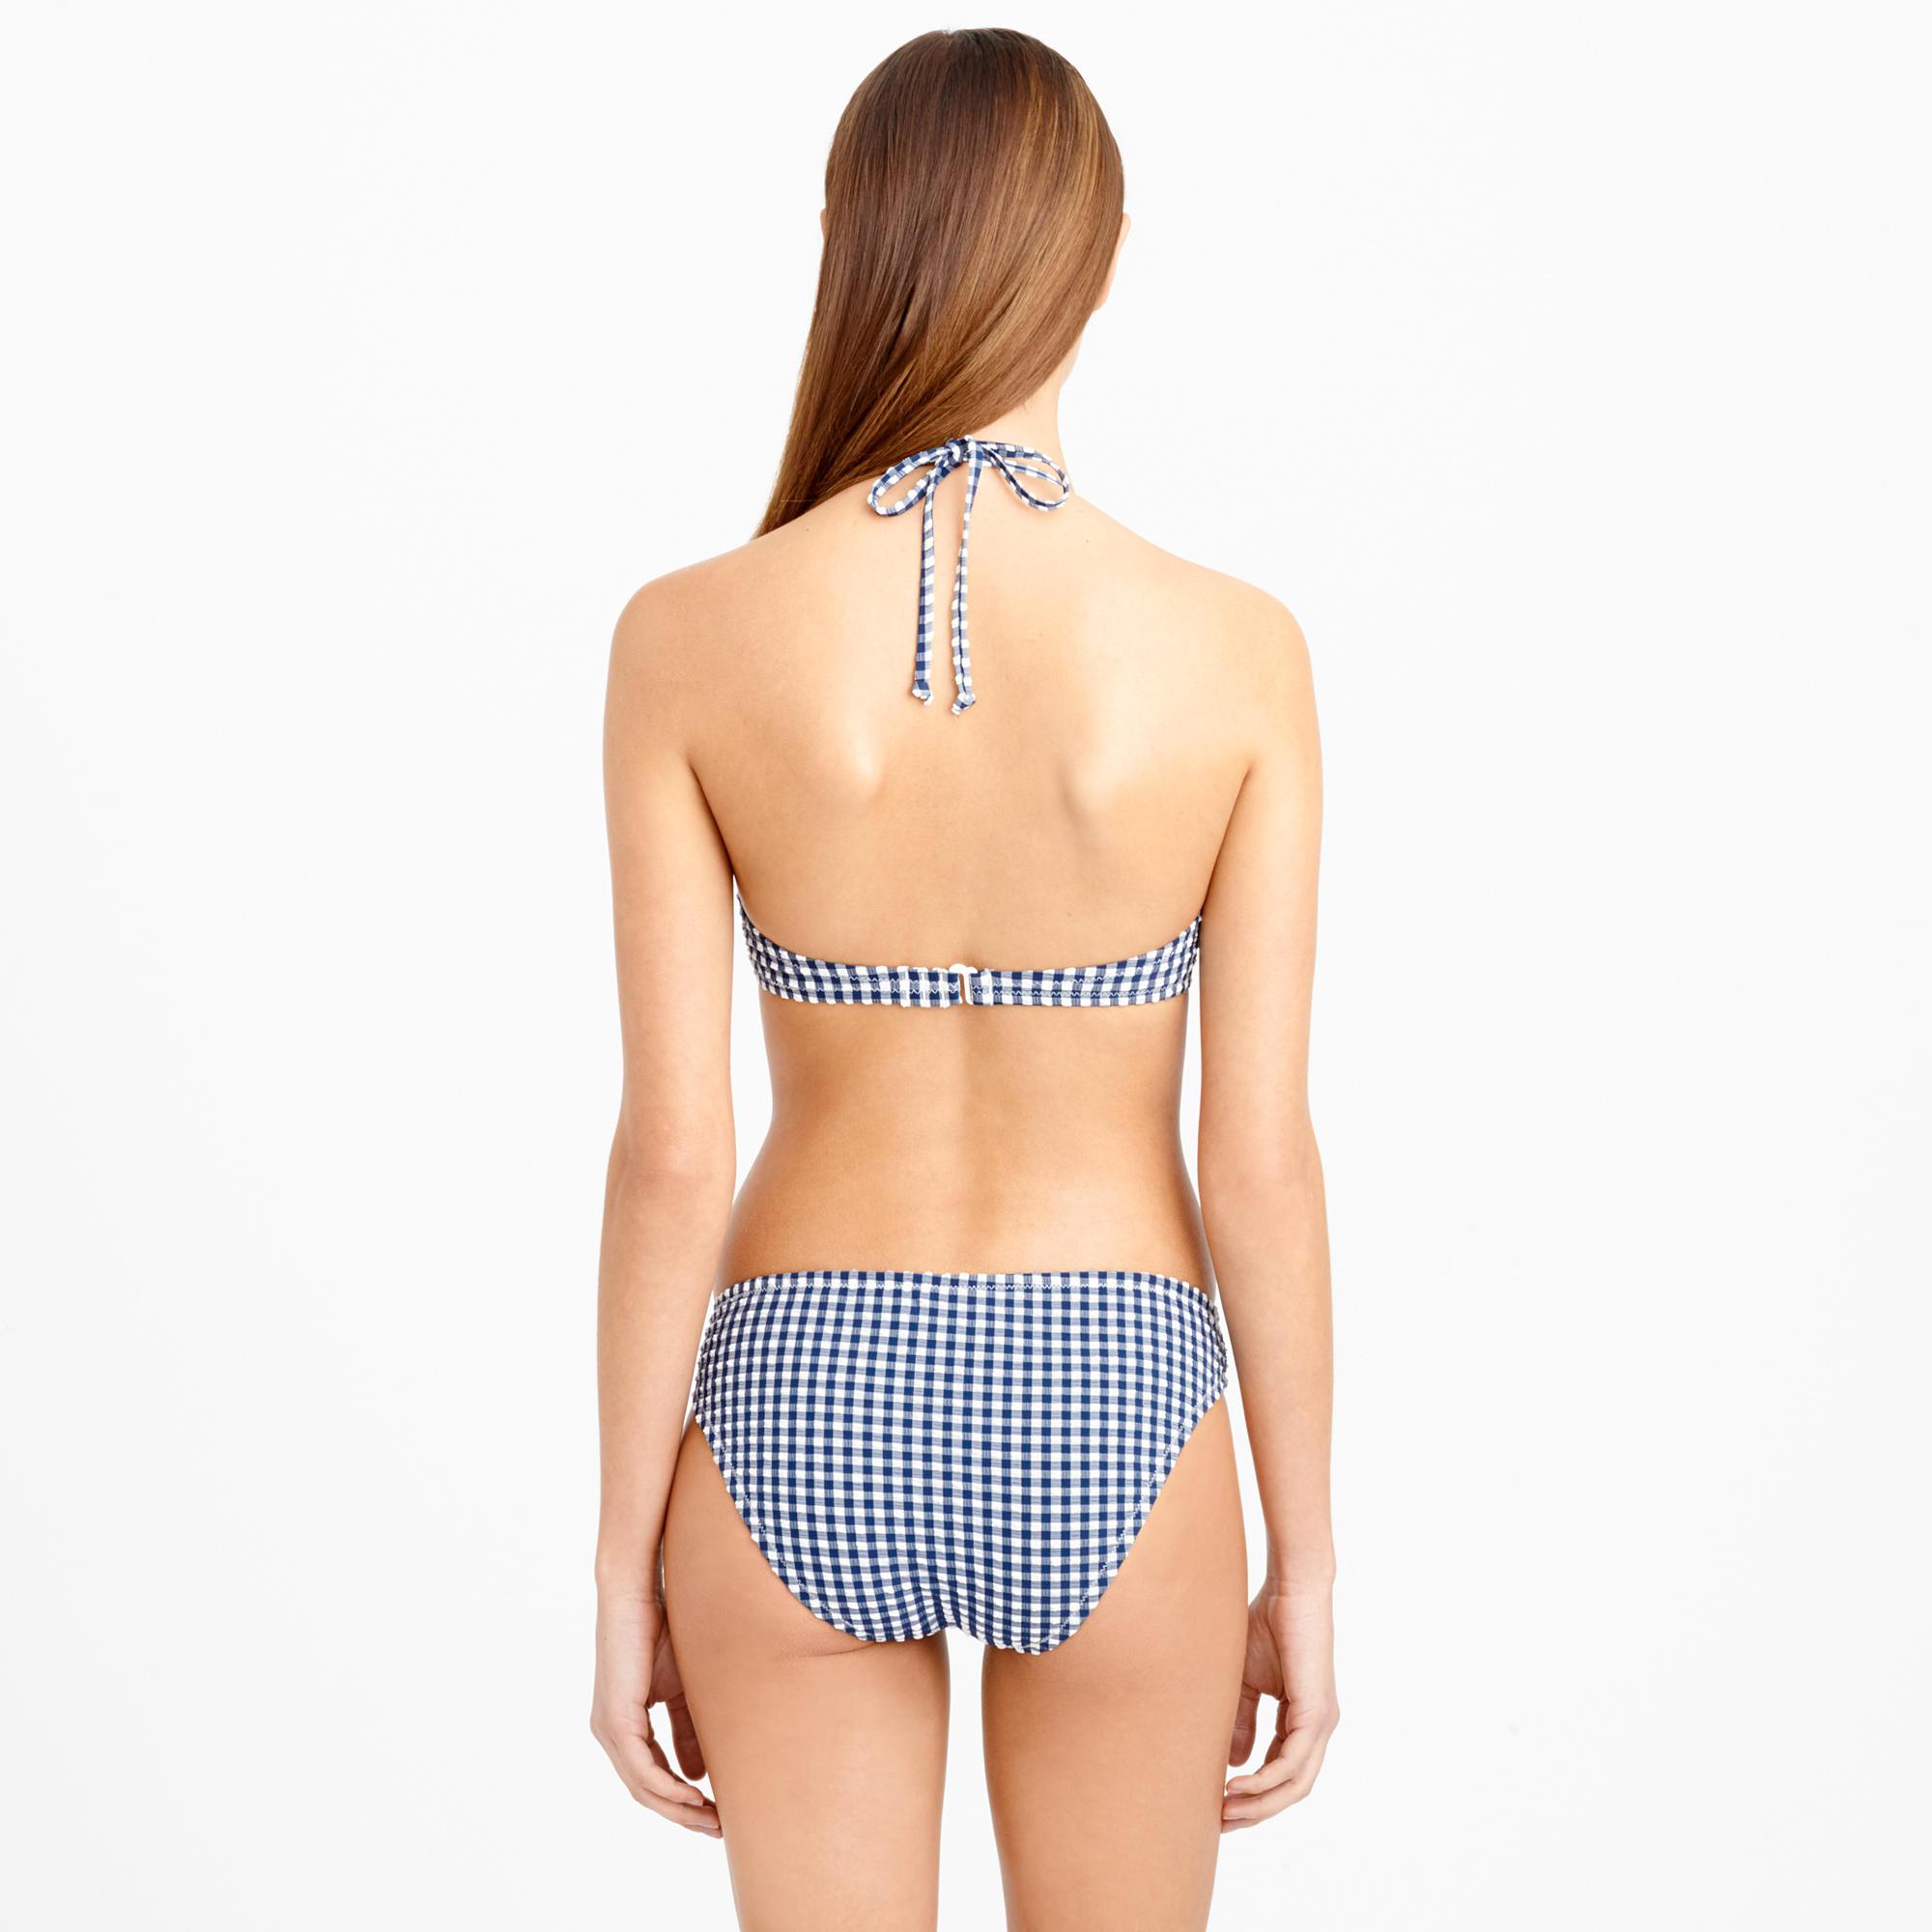 Blue Gingham Bikini 102